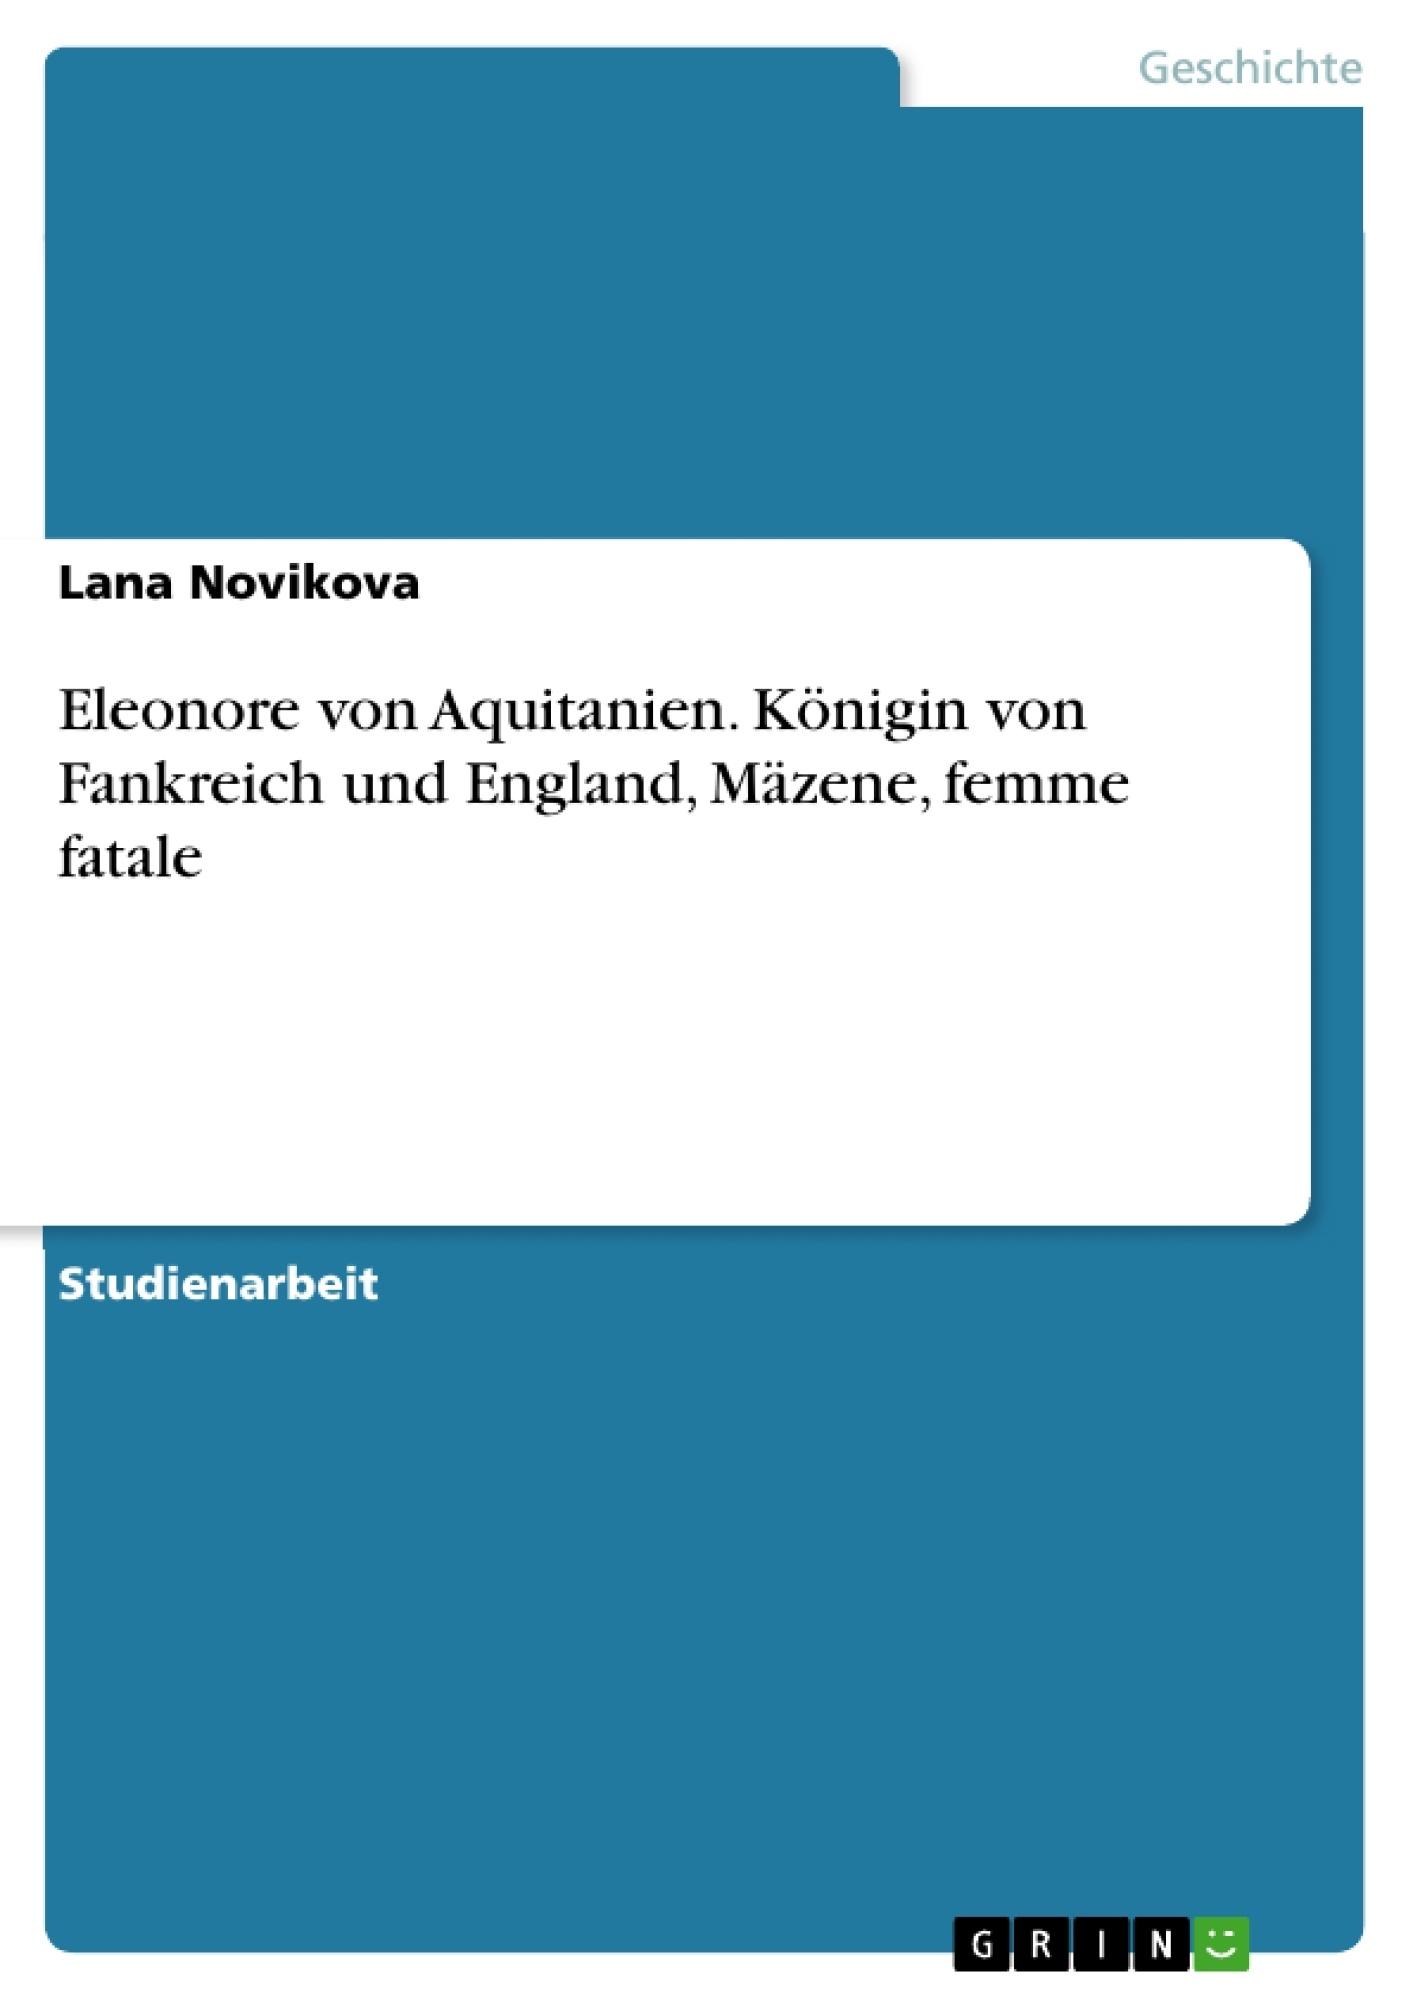 Titel: Eleonore von Aquitanien. Königin von Fankreich und England, Mäzene, femme fatale